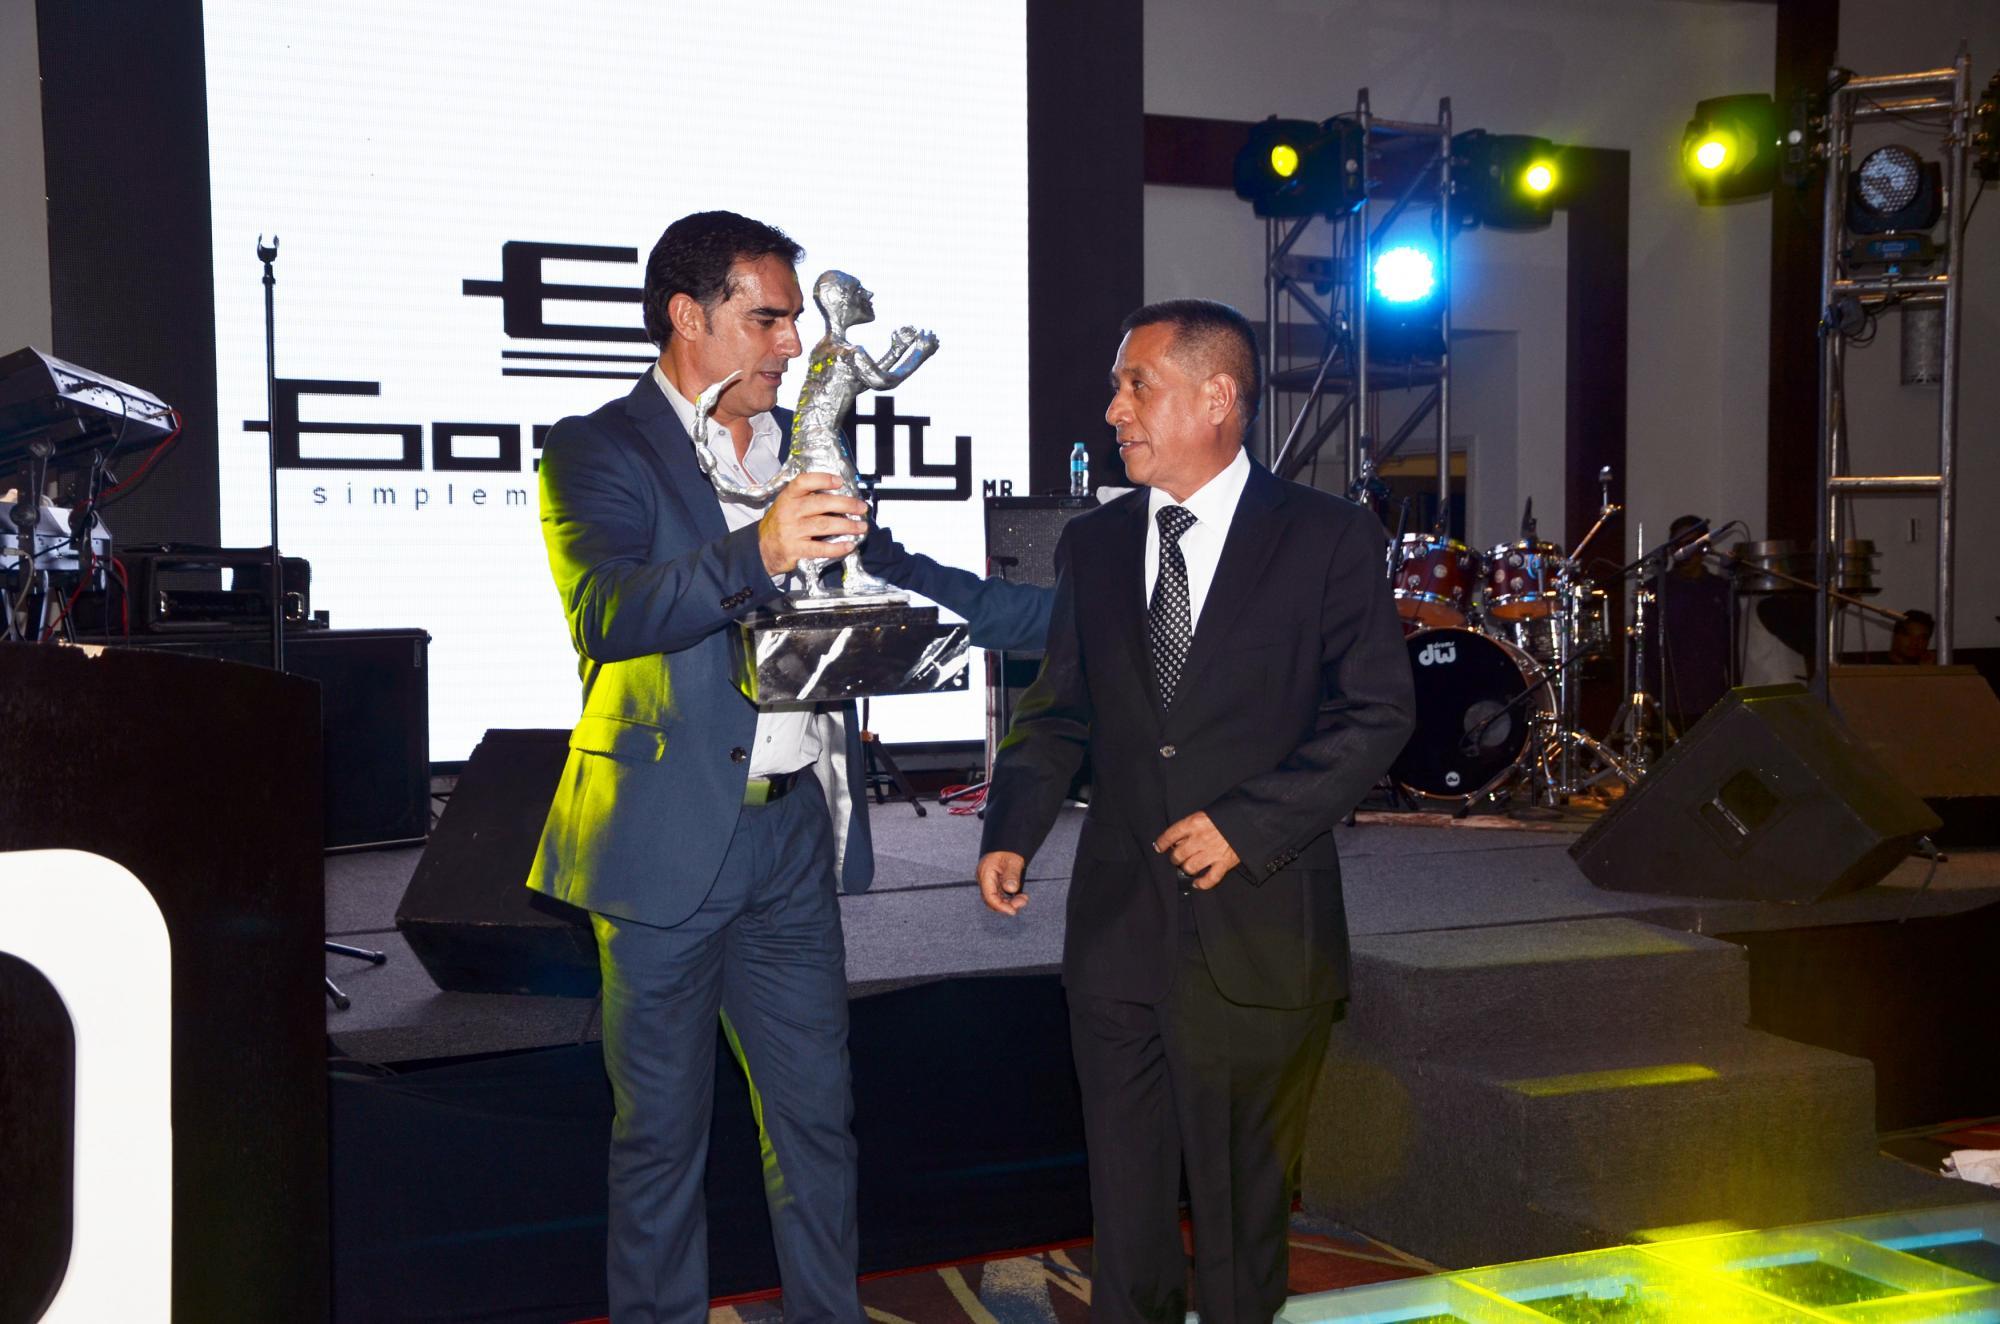 Chao entregando su premio a Víctor Téllez